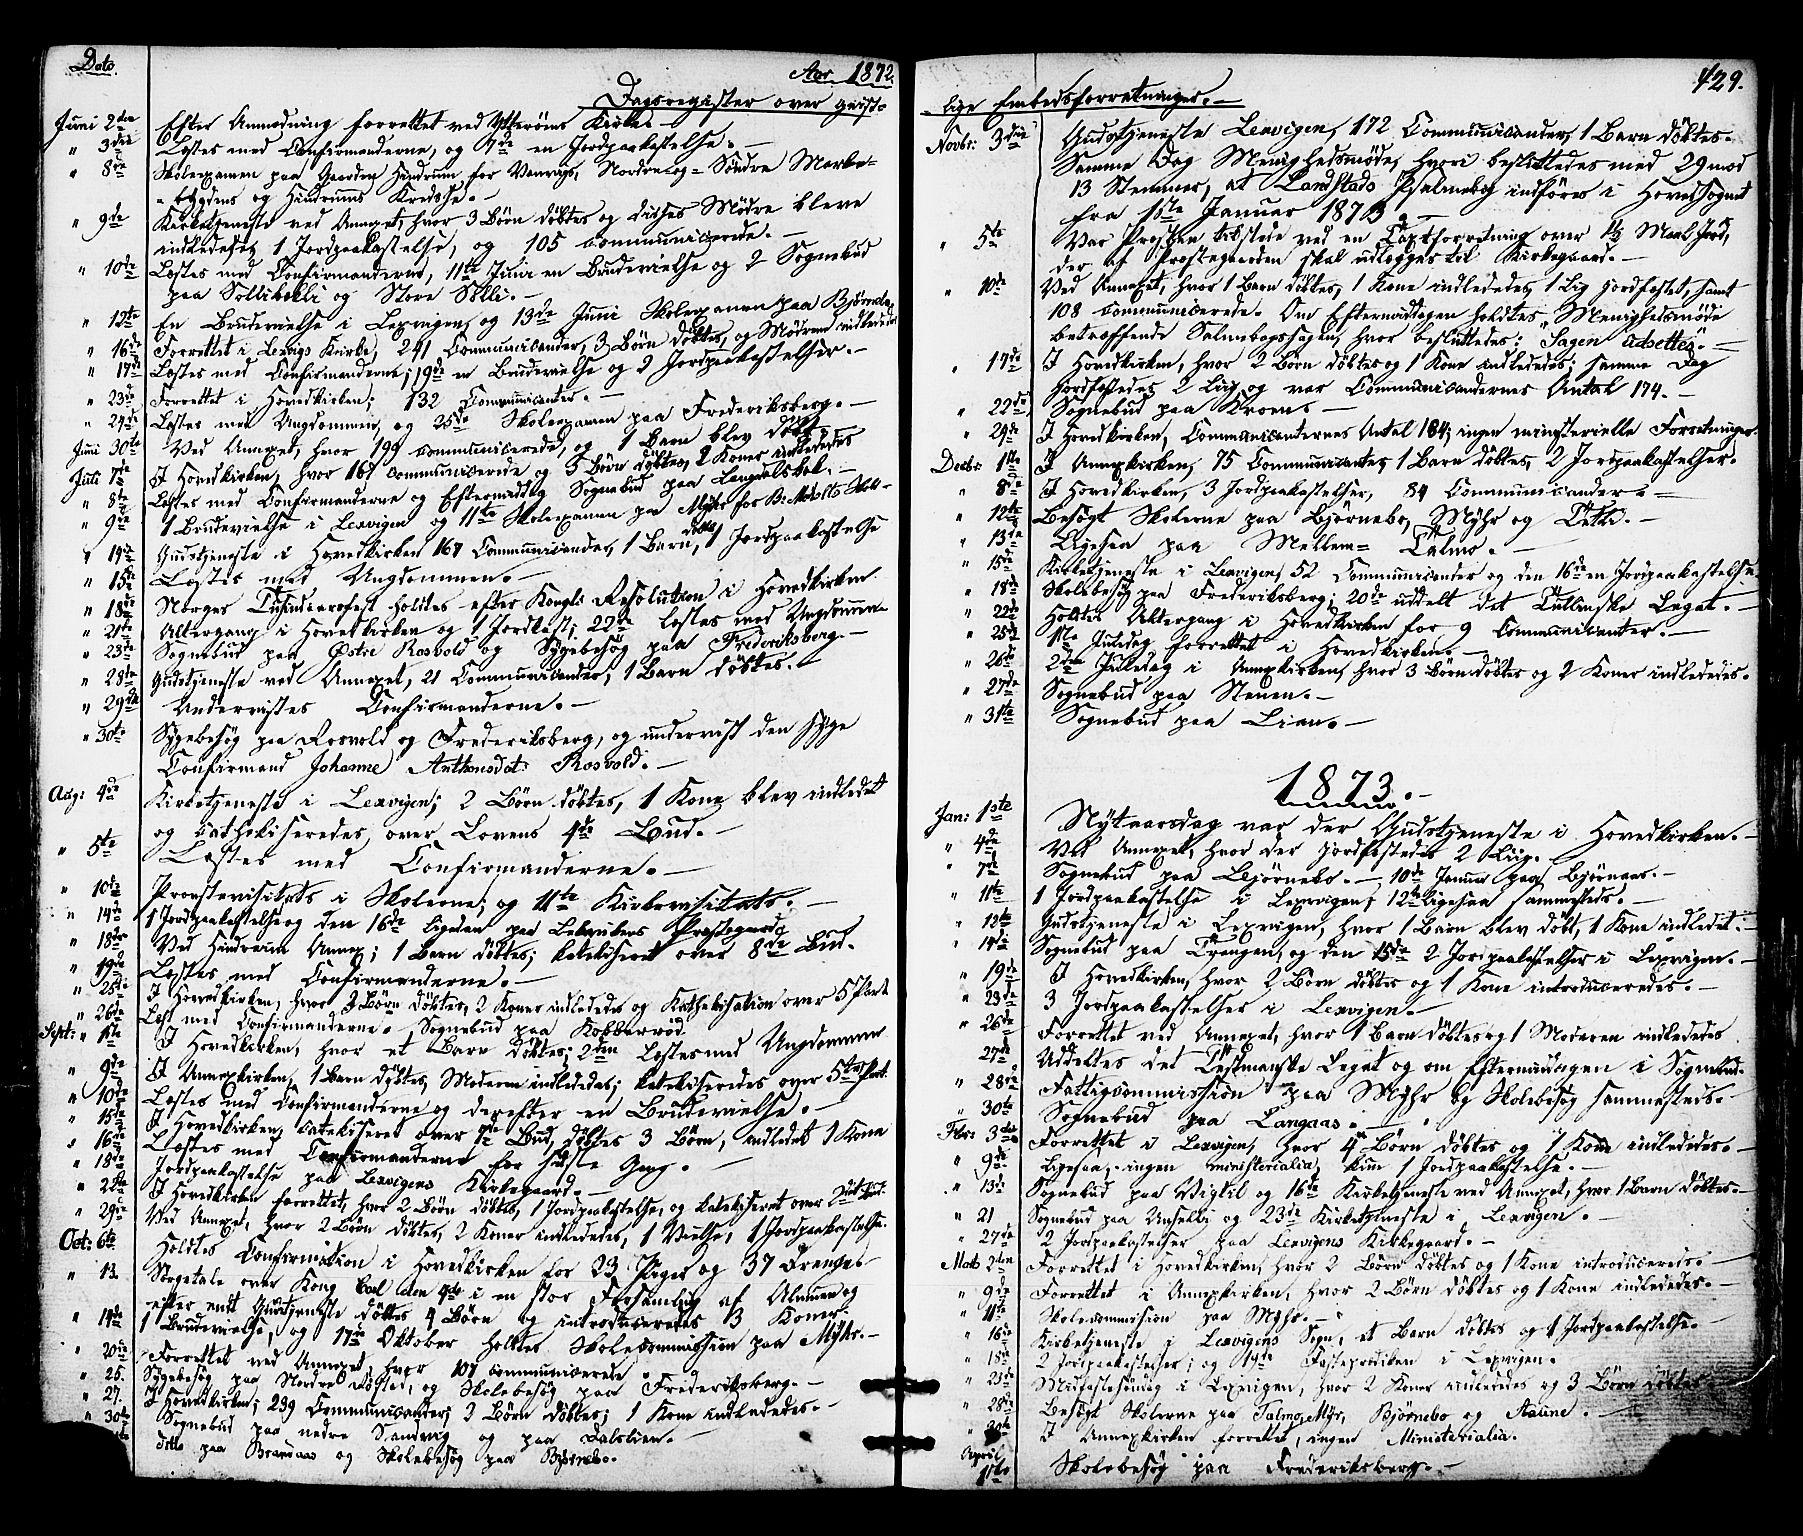 SAT, Ministerialprotokoller, klokkerbøker og fødselsregistre - Nord-Trøndelag, 701/L0009: Ministerialbok nr. 701A09 /1, 1864-1882, s. 429